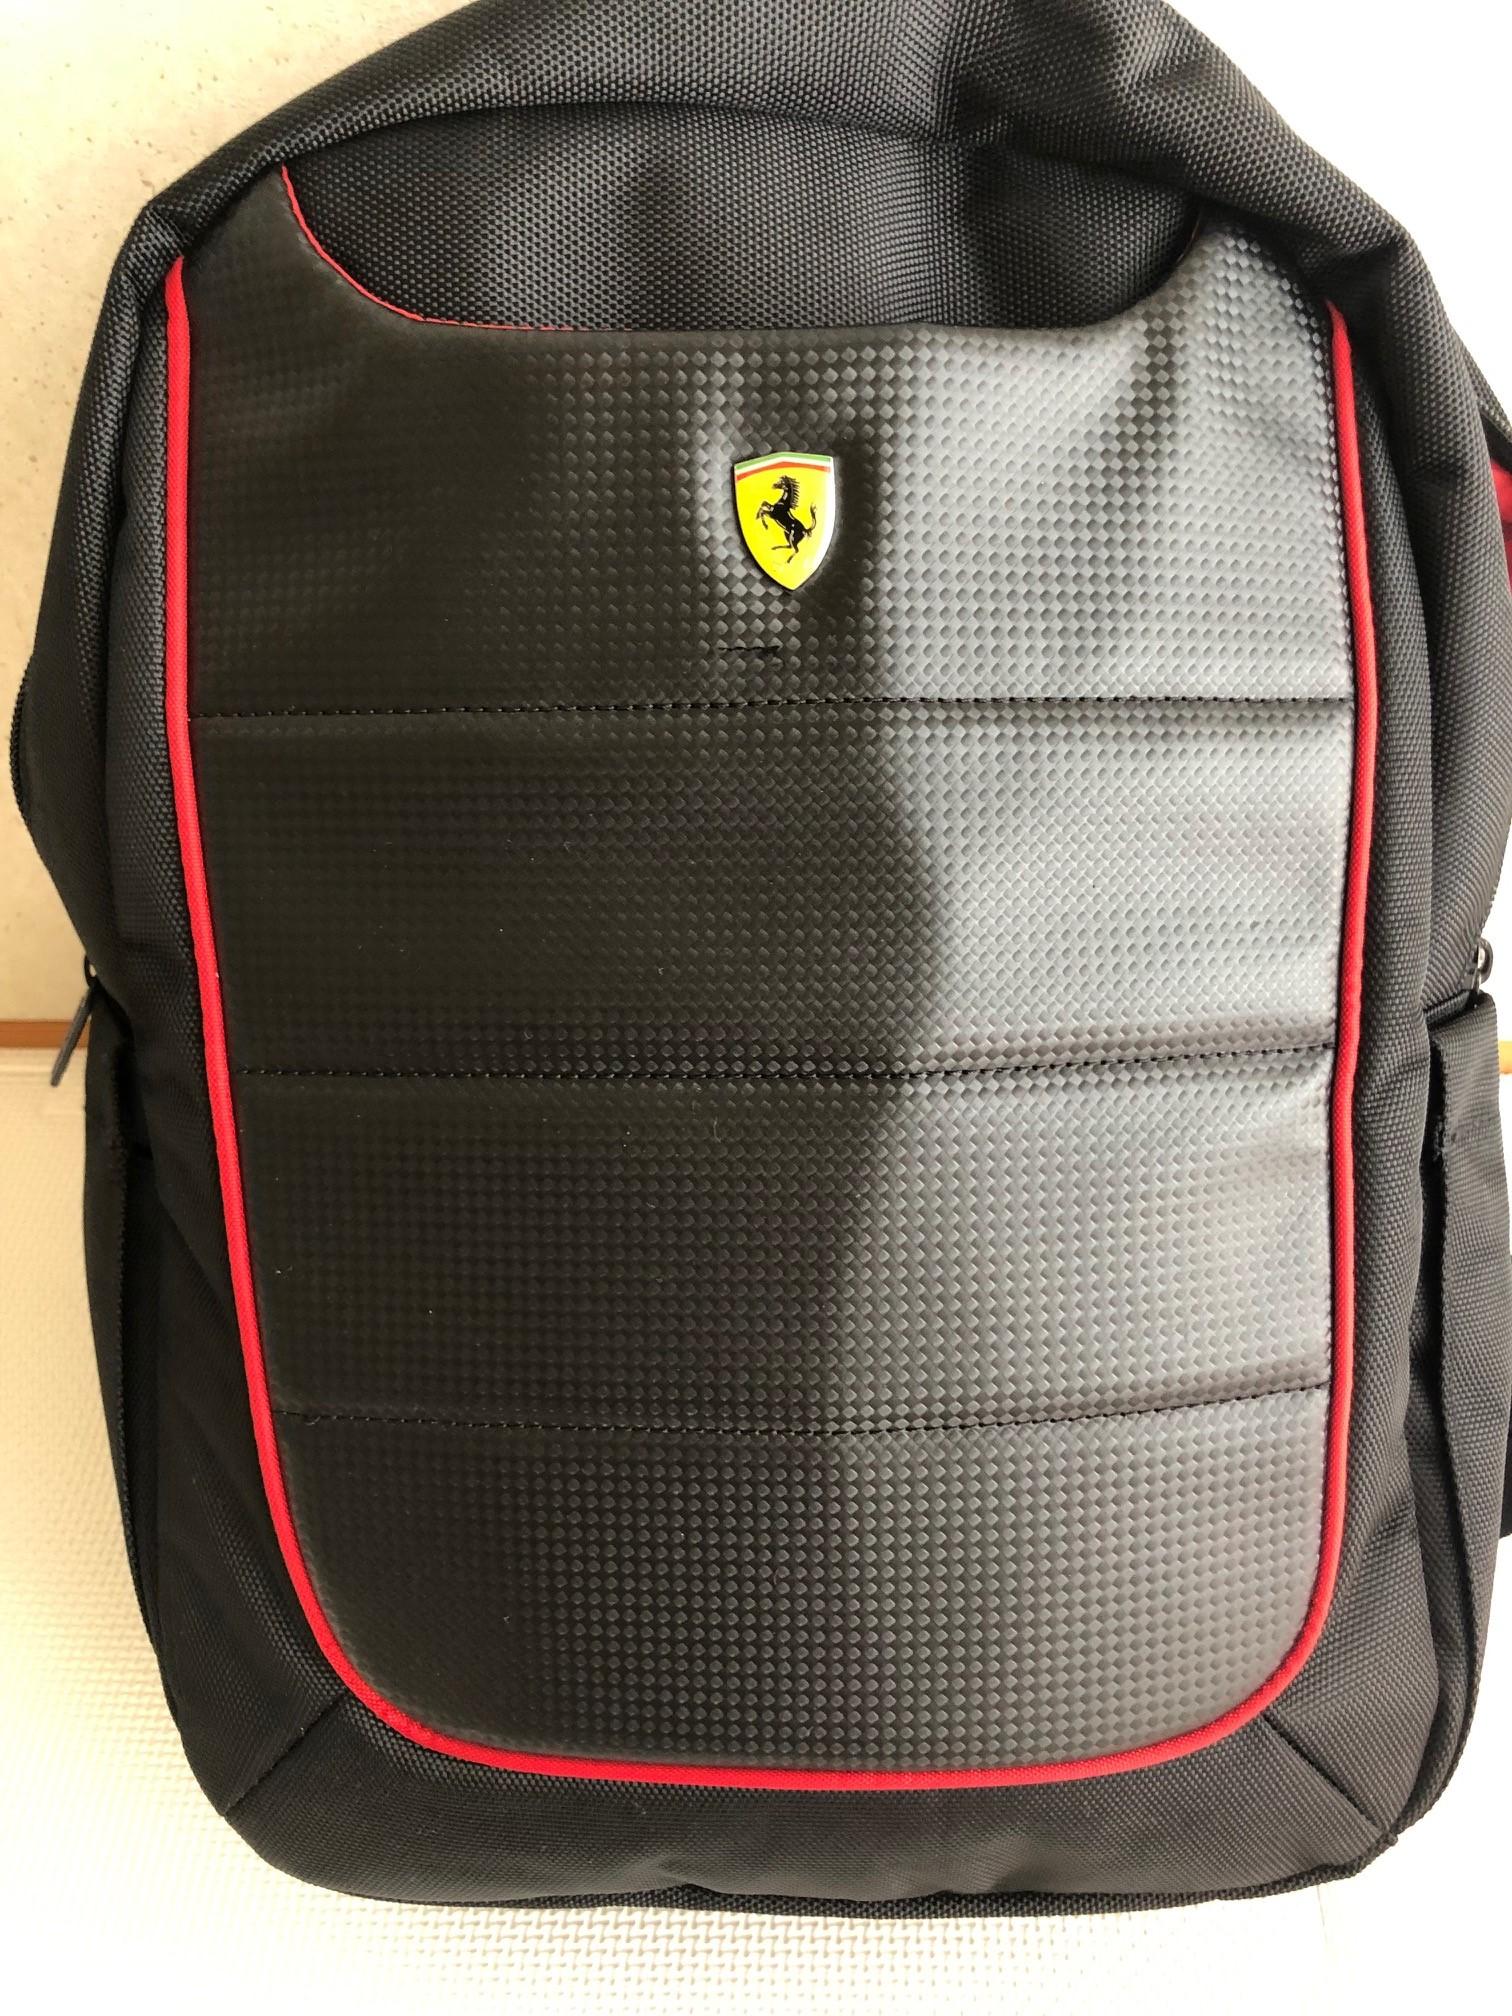 FERRARI フェラーリ 公式ライセンス品 スクーデリア 15インチ ノートパソコン用バッグ リュック ~スタイリッシュで製錬されたデザイン、フェラーリをあなたの背中に~